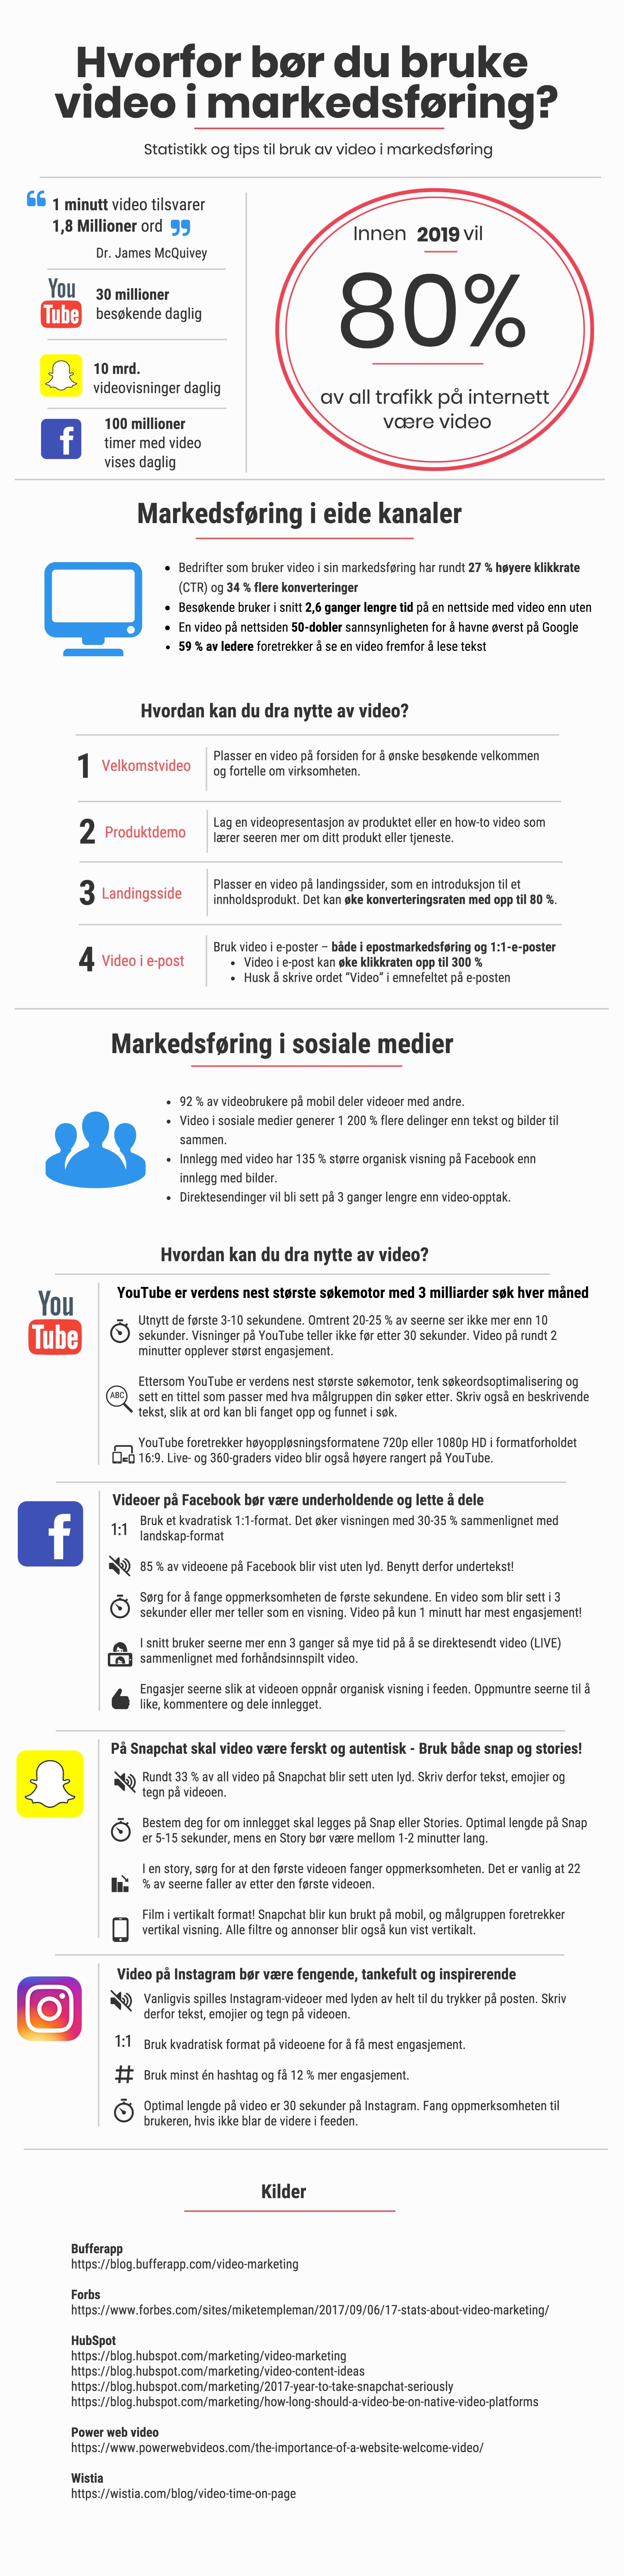 Video i markedsføring_infografikk_2018.jpg